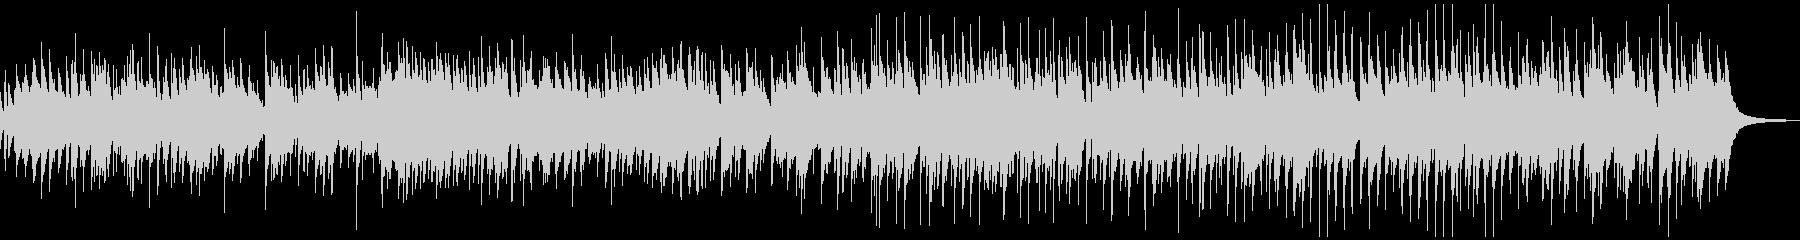 お洒落なピアノ、カントリーワルツBGMの未再生の波形